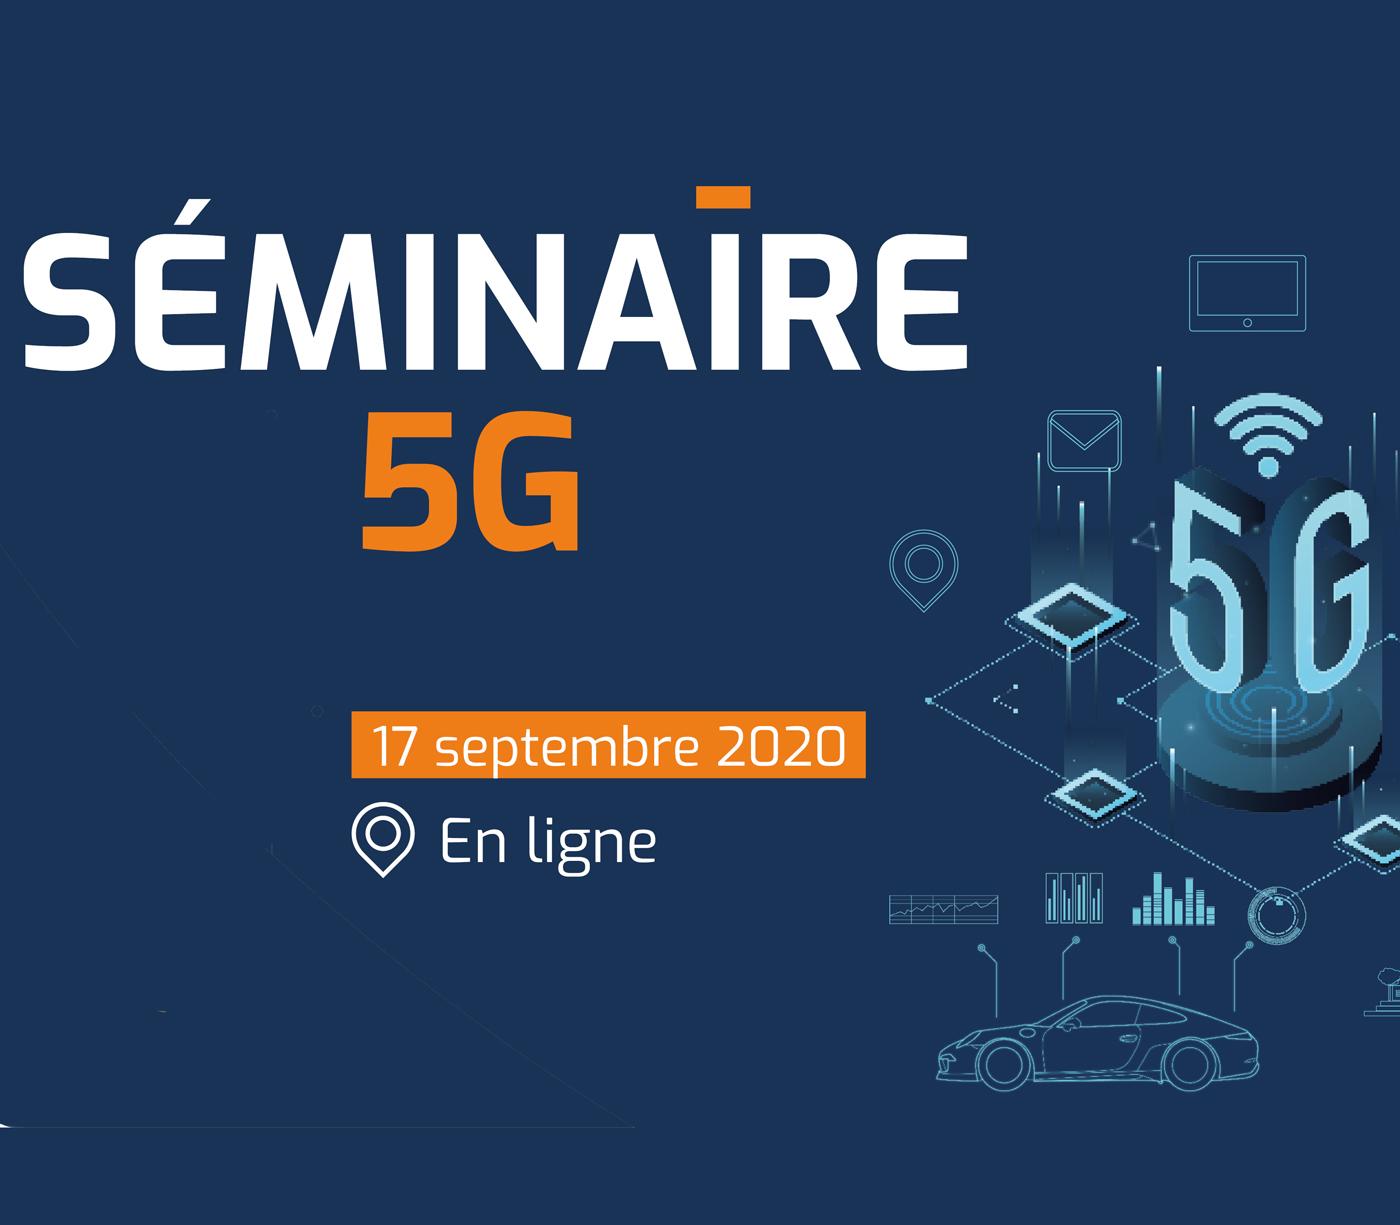 Séminaire 5G